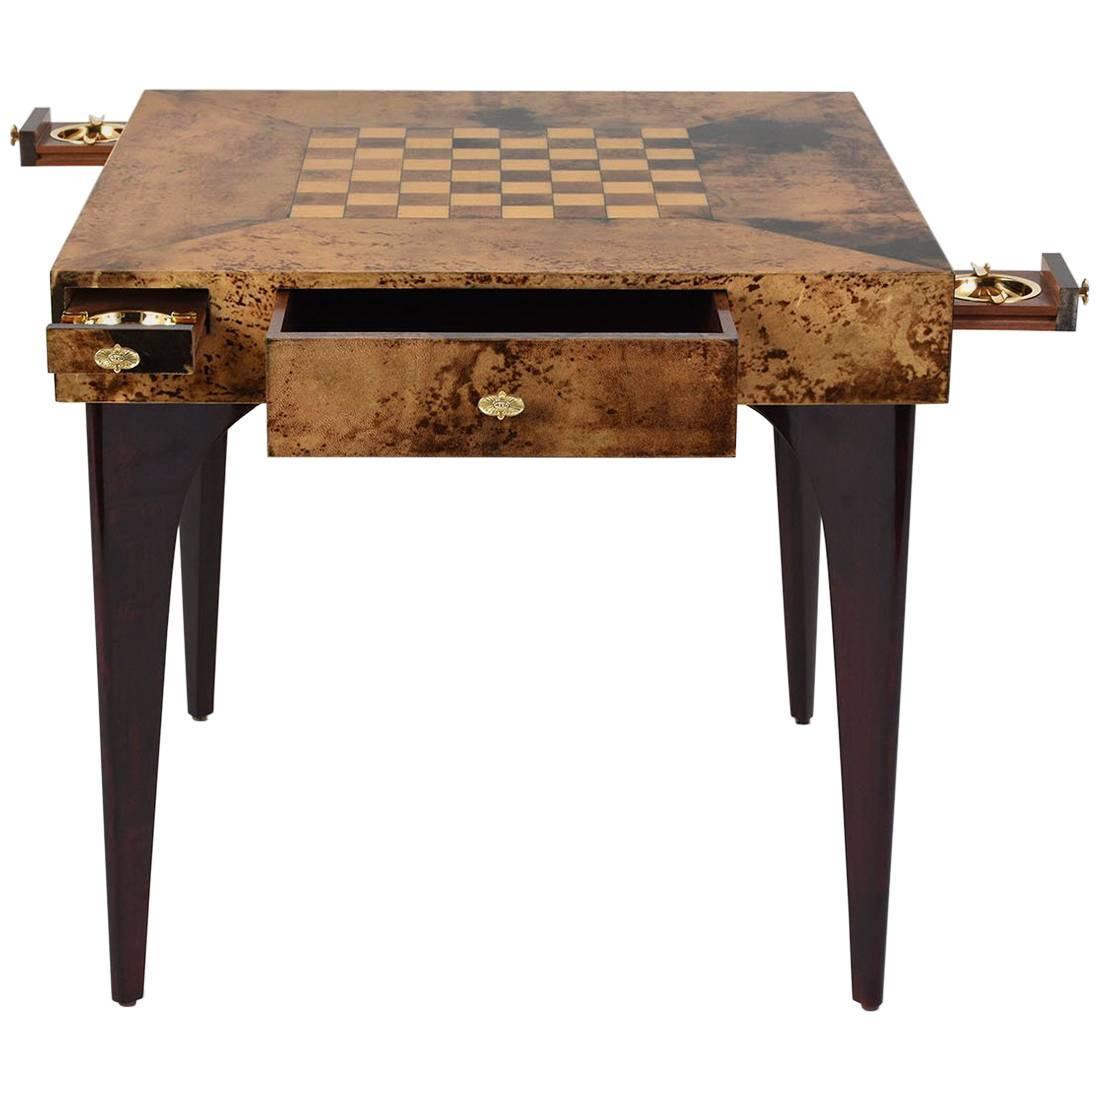 Modern Style Burl Wood Veneer Game Table By Aldo Tura